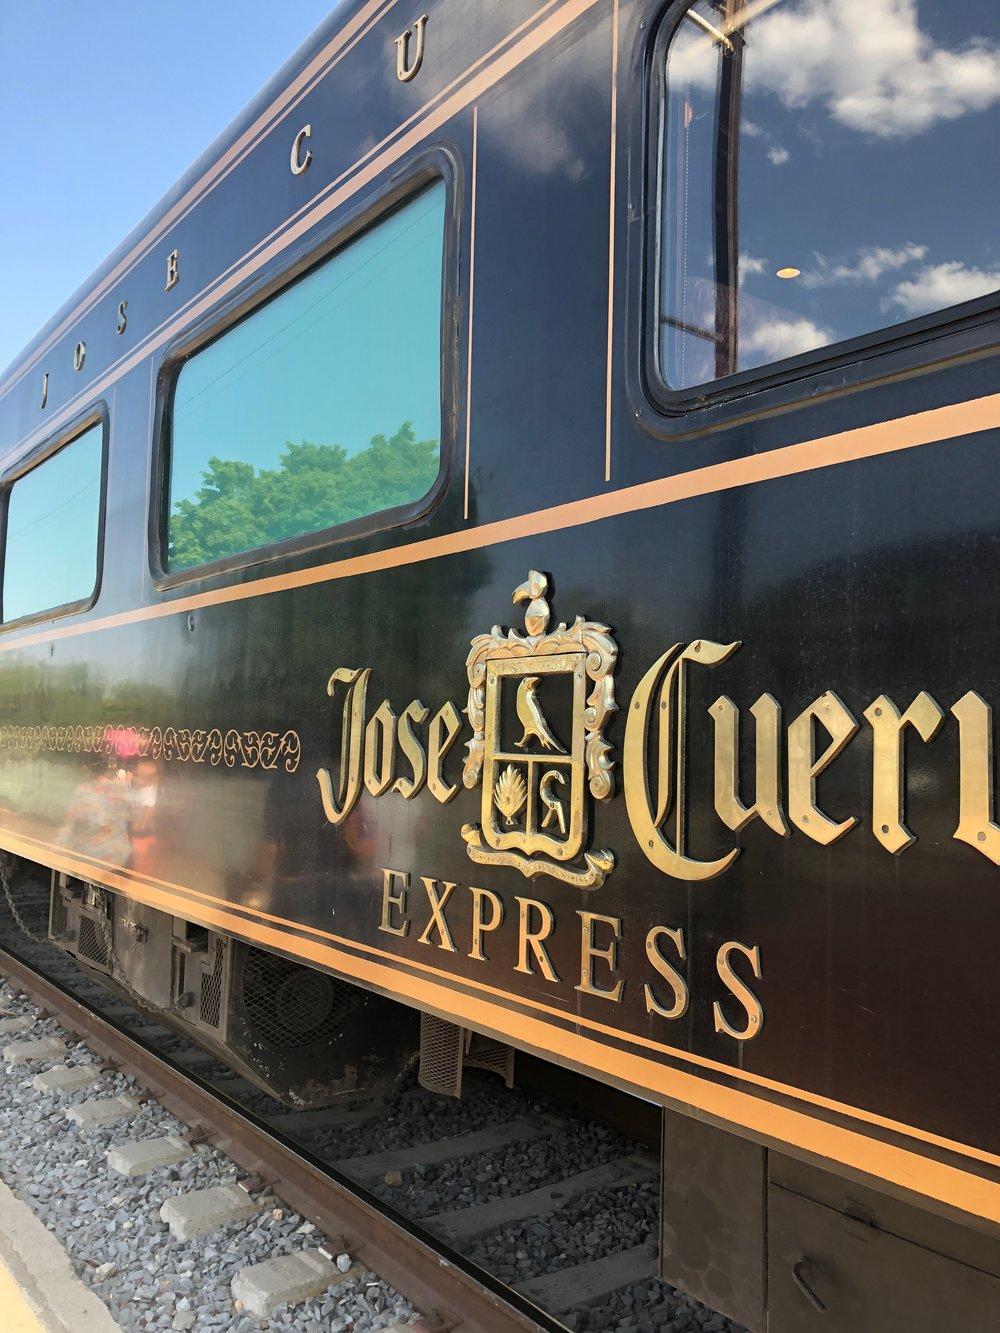 tequila train.jpg